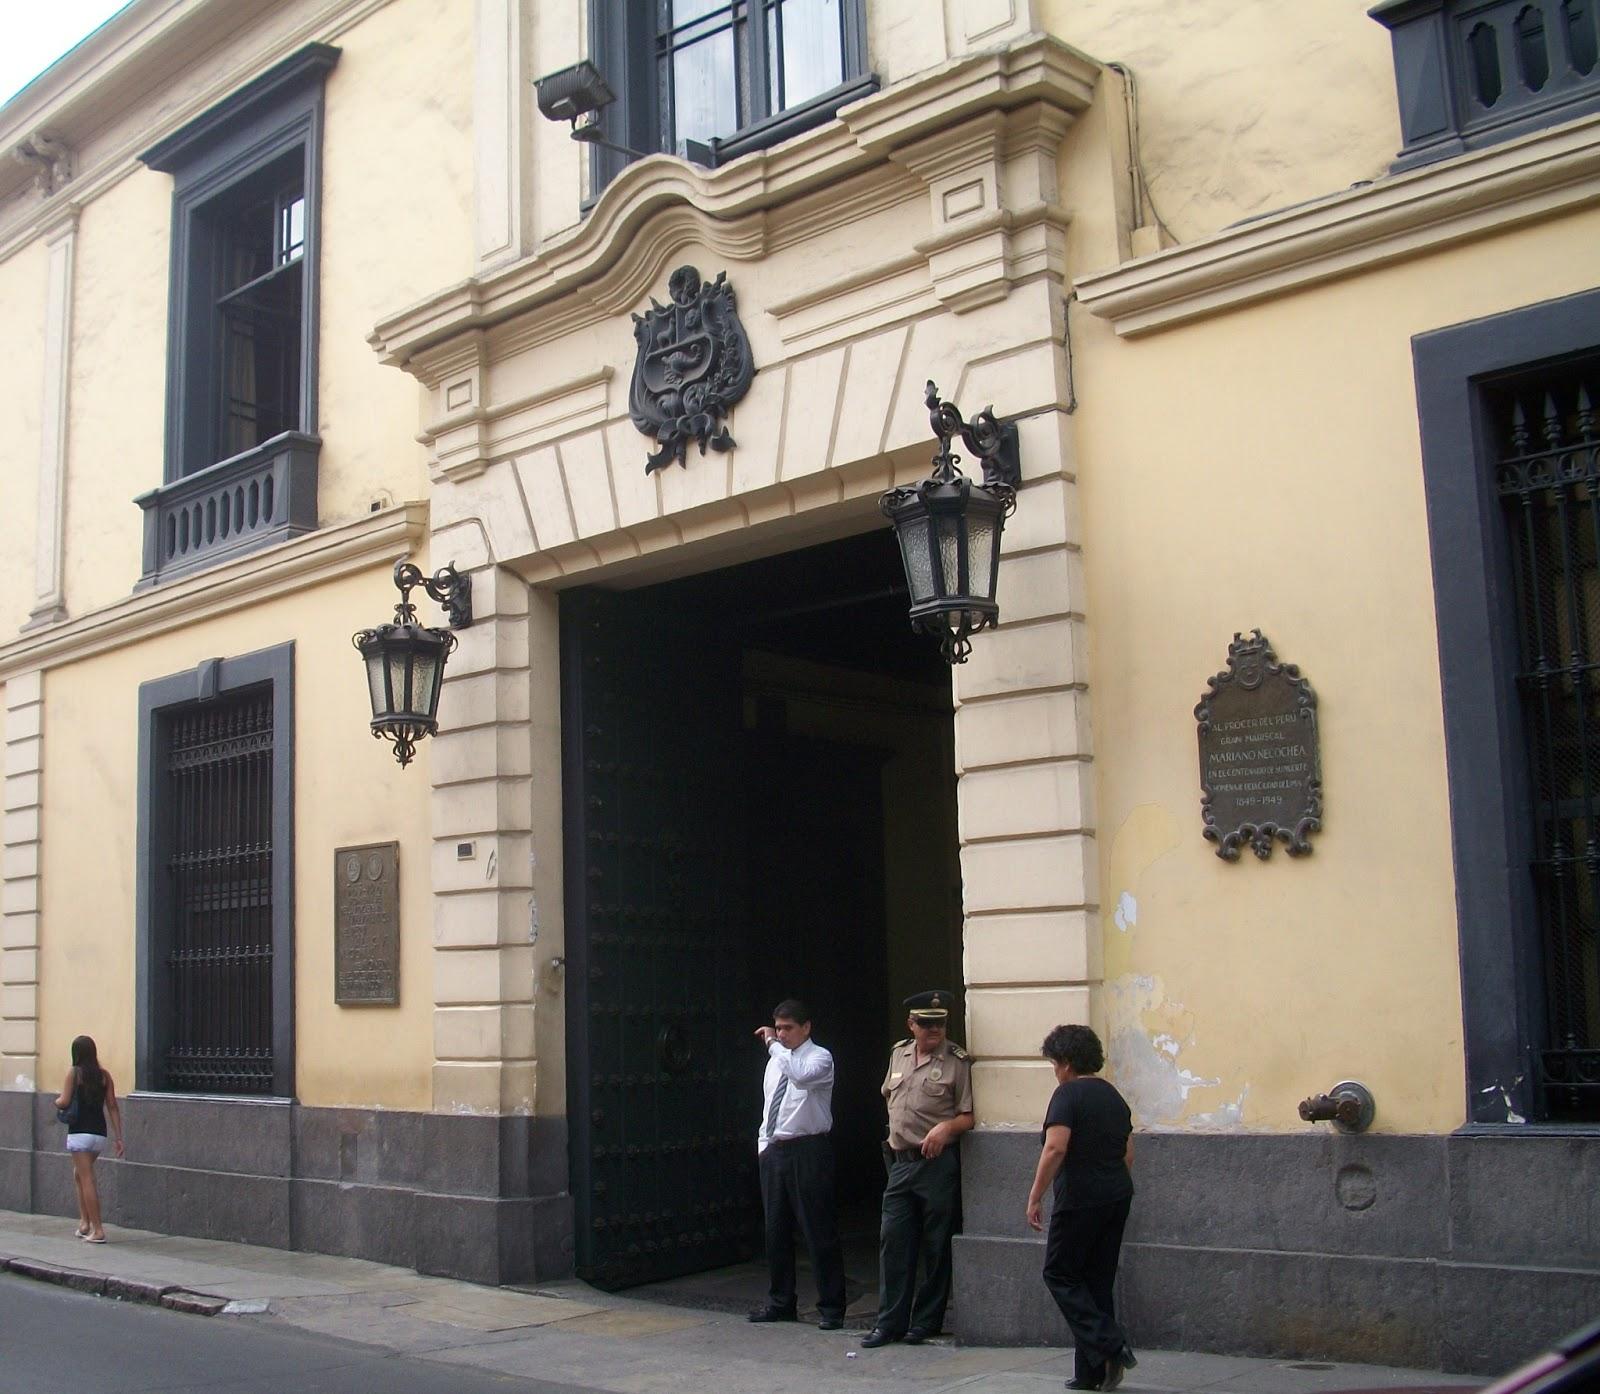 Banco de preguntas de letras preguntas de economia virreinal - Casa de la moneda empleo ...